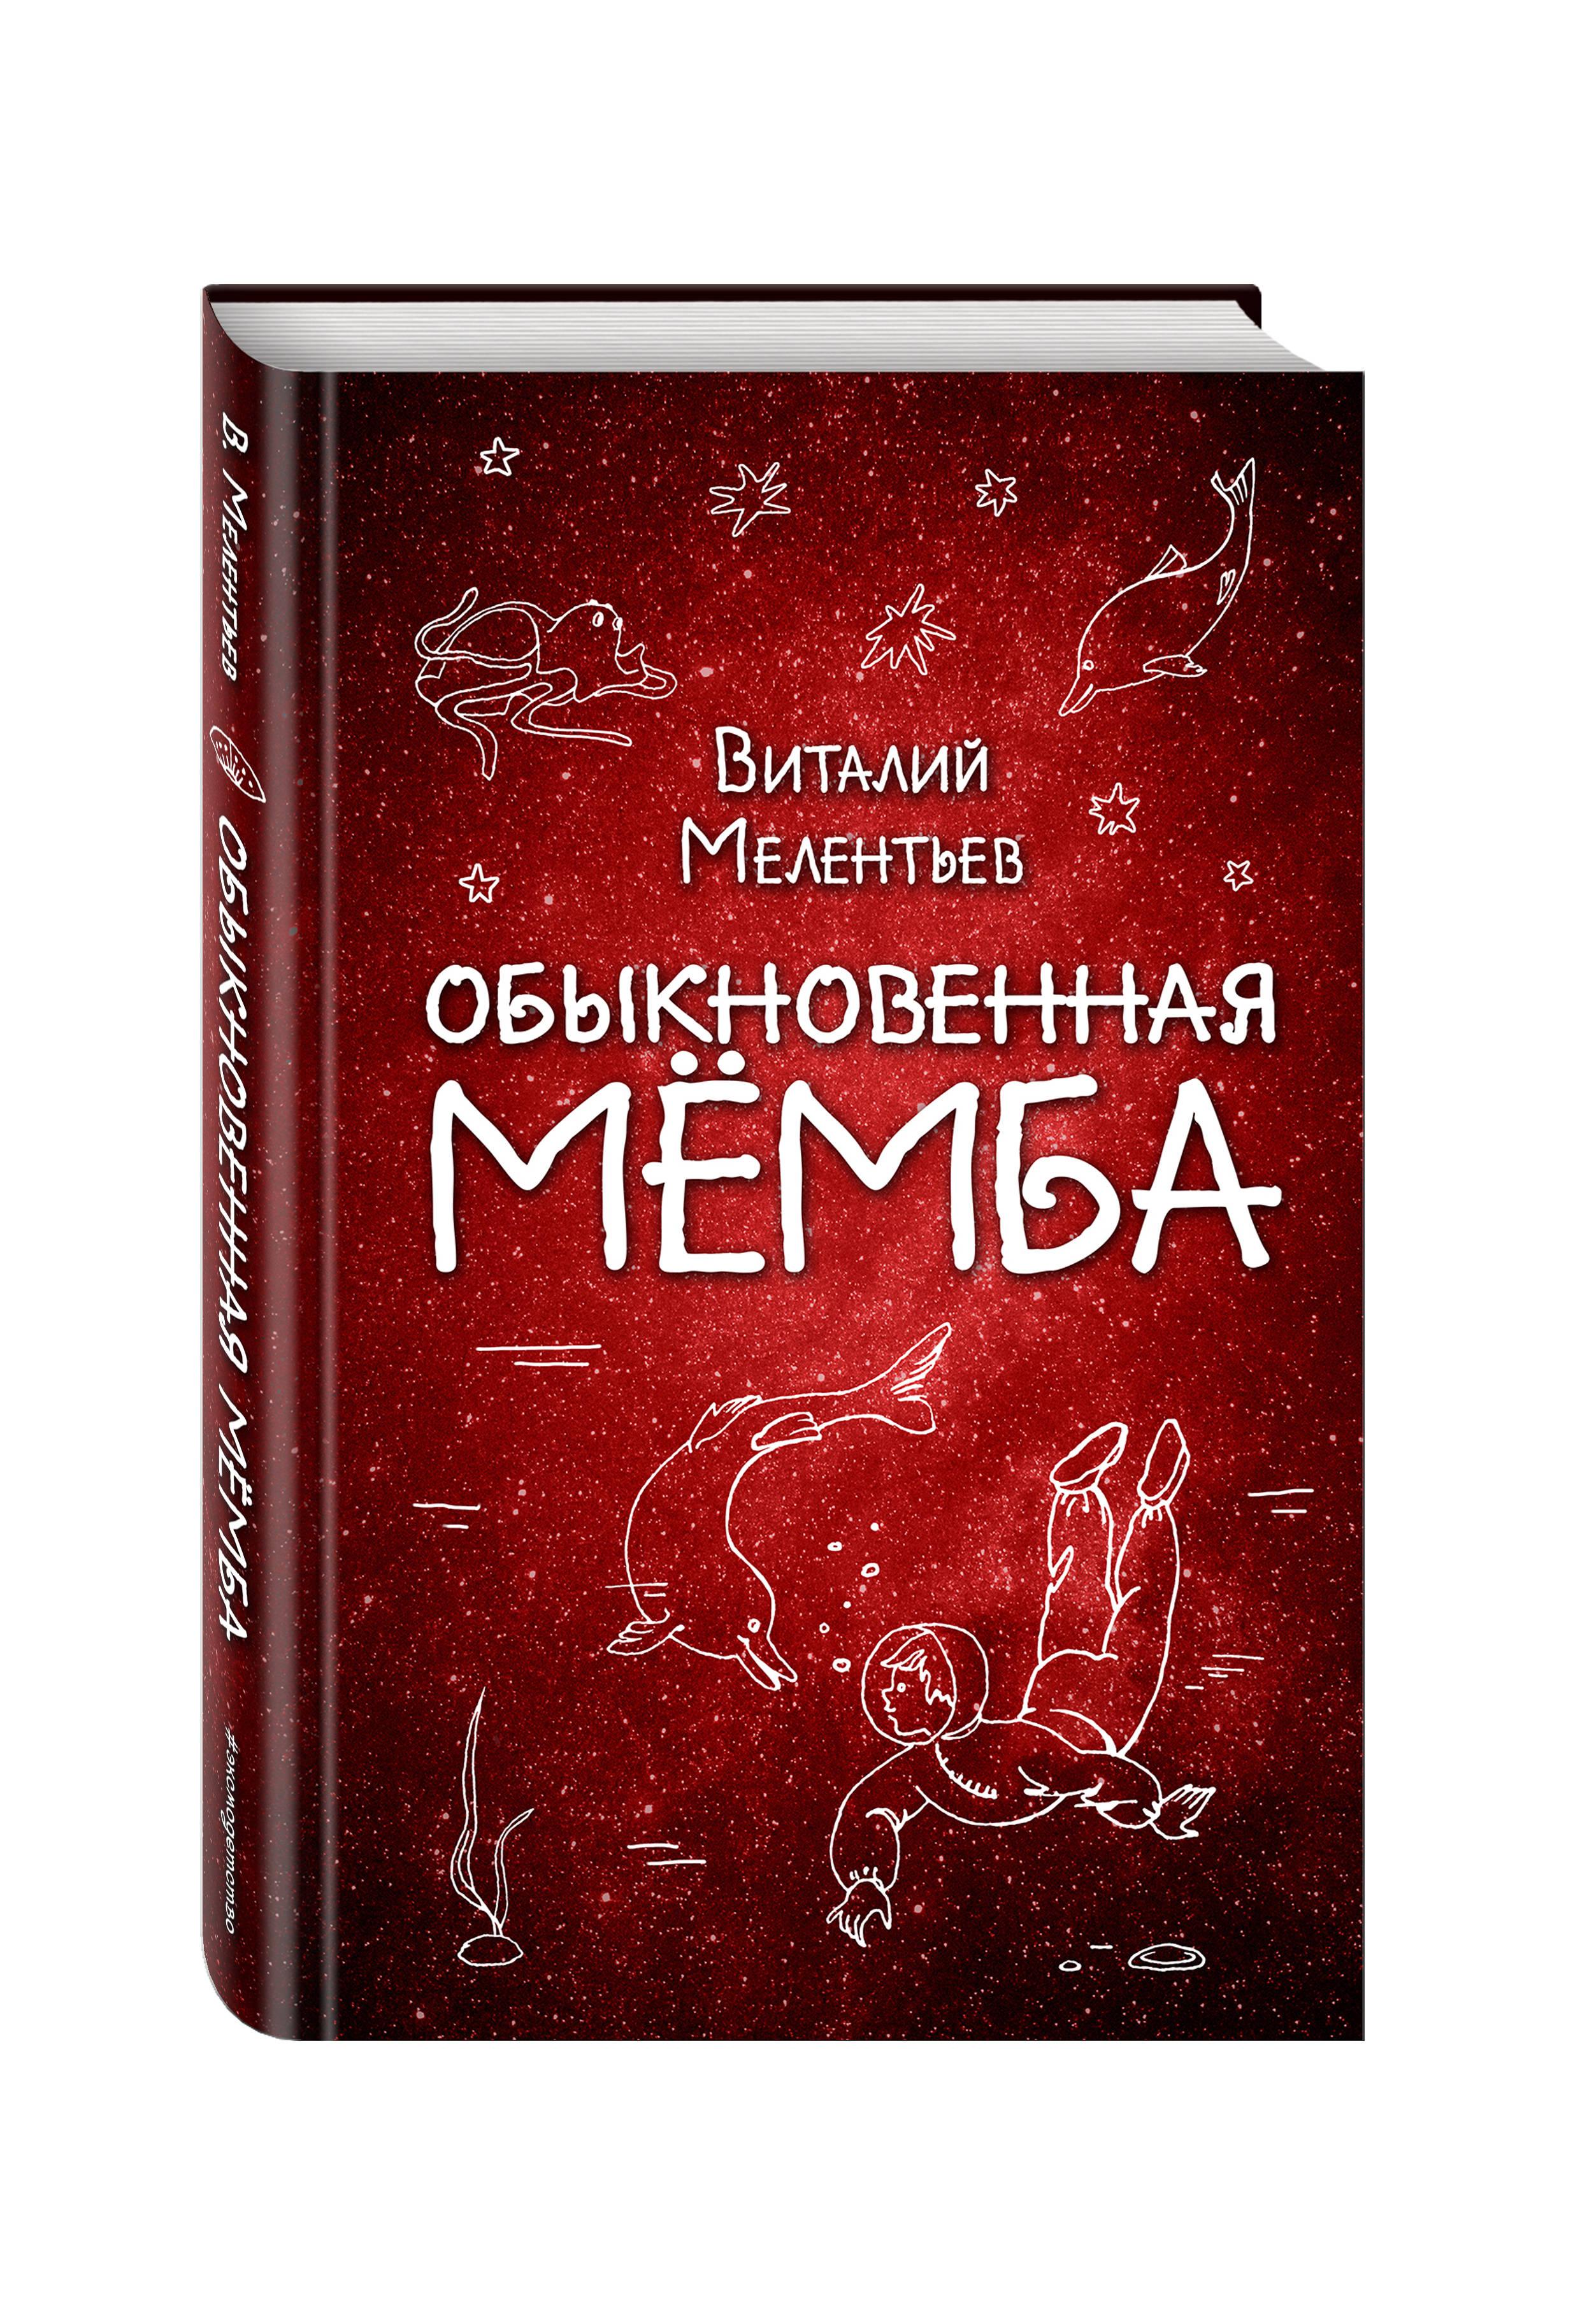 Обыкновенная Мёмба ( Мелентьев В.Г.  )